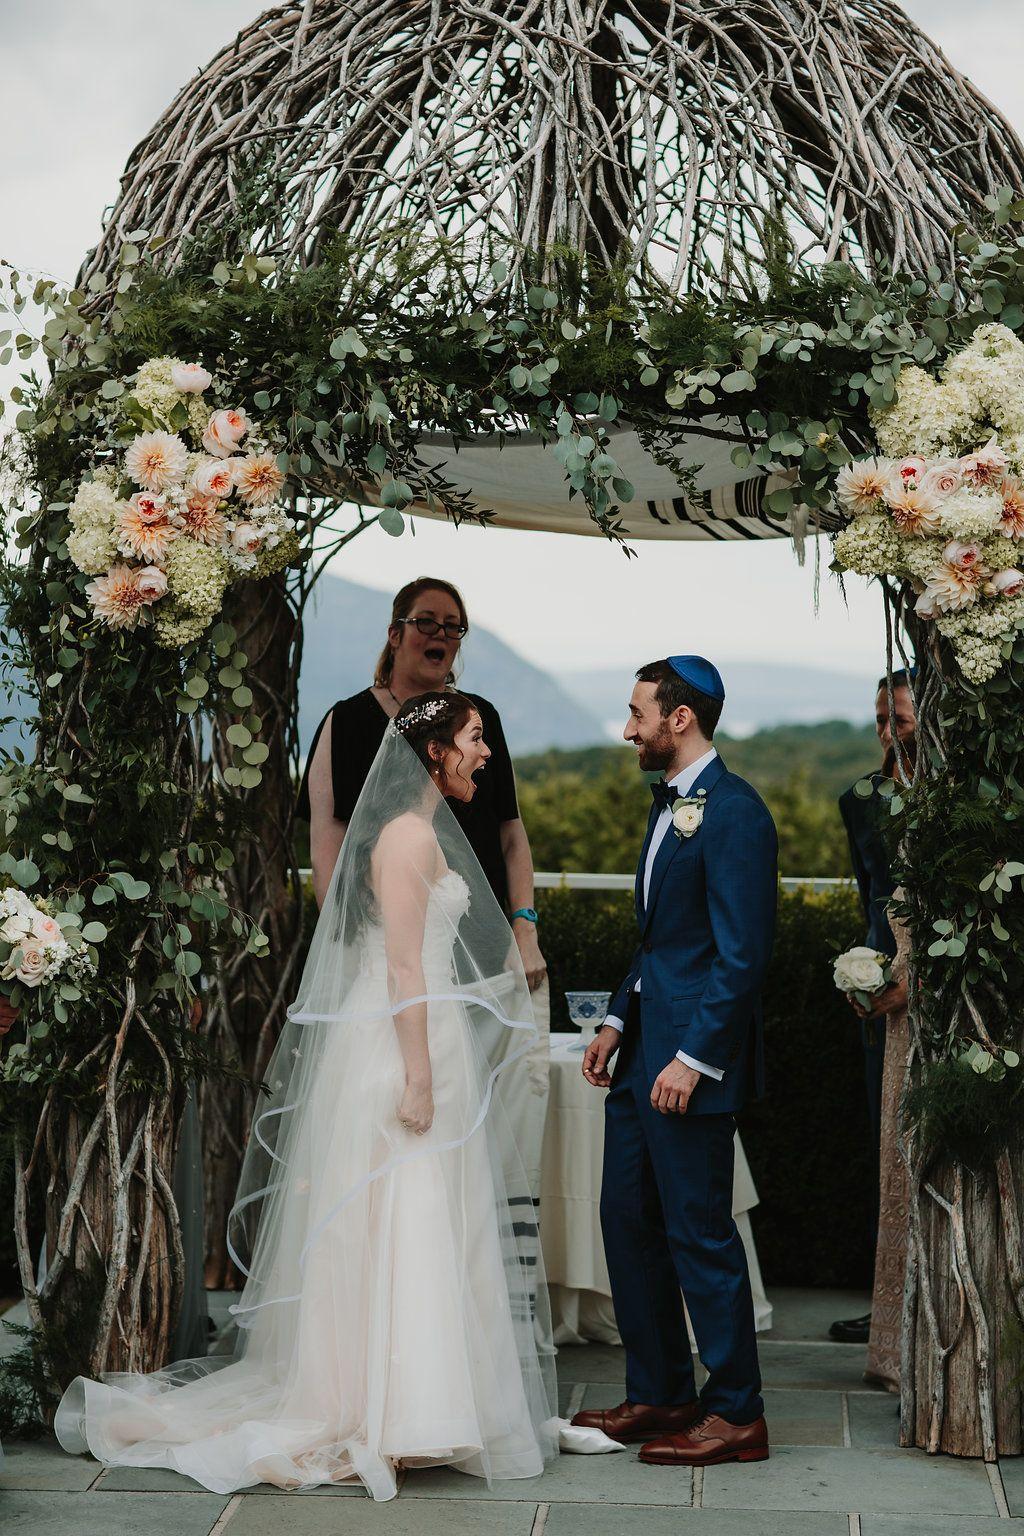 Midsummer Night's Dream Wedding in Upstate NY Bride